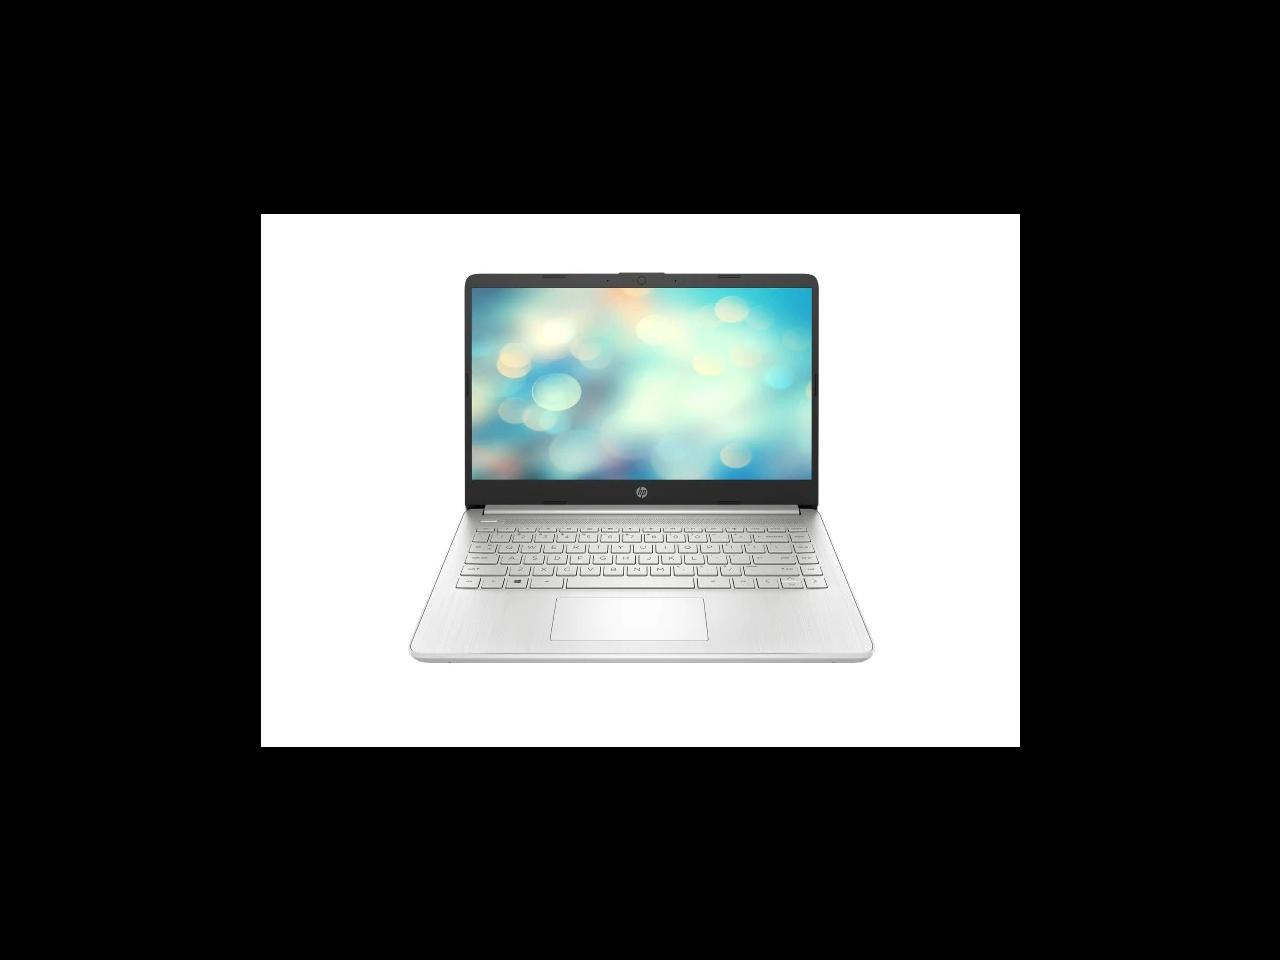 HP 14 touchscreen